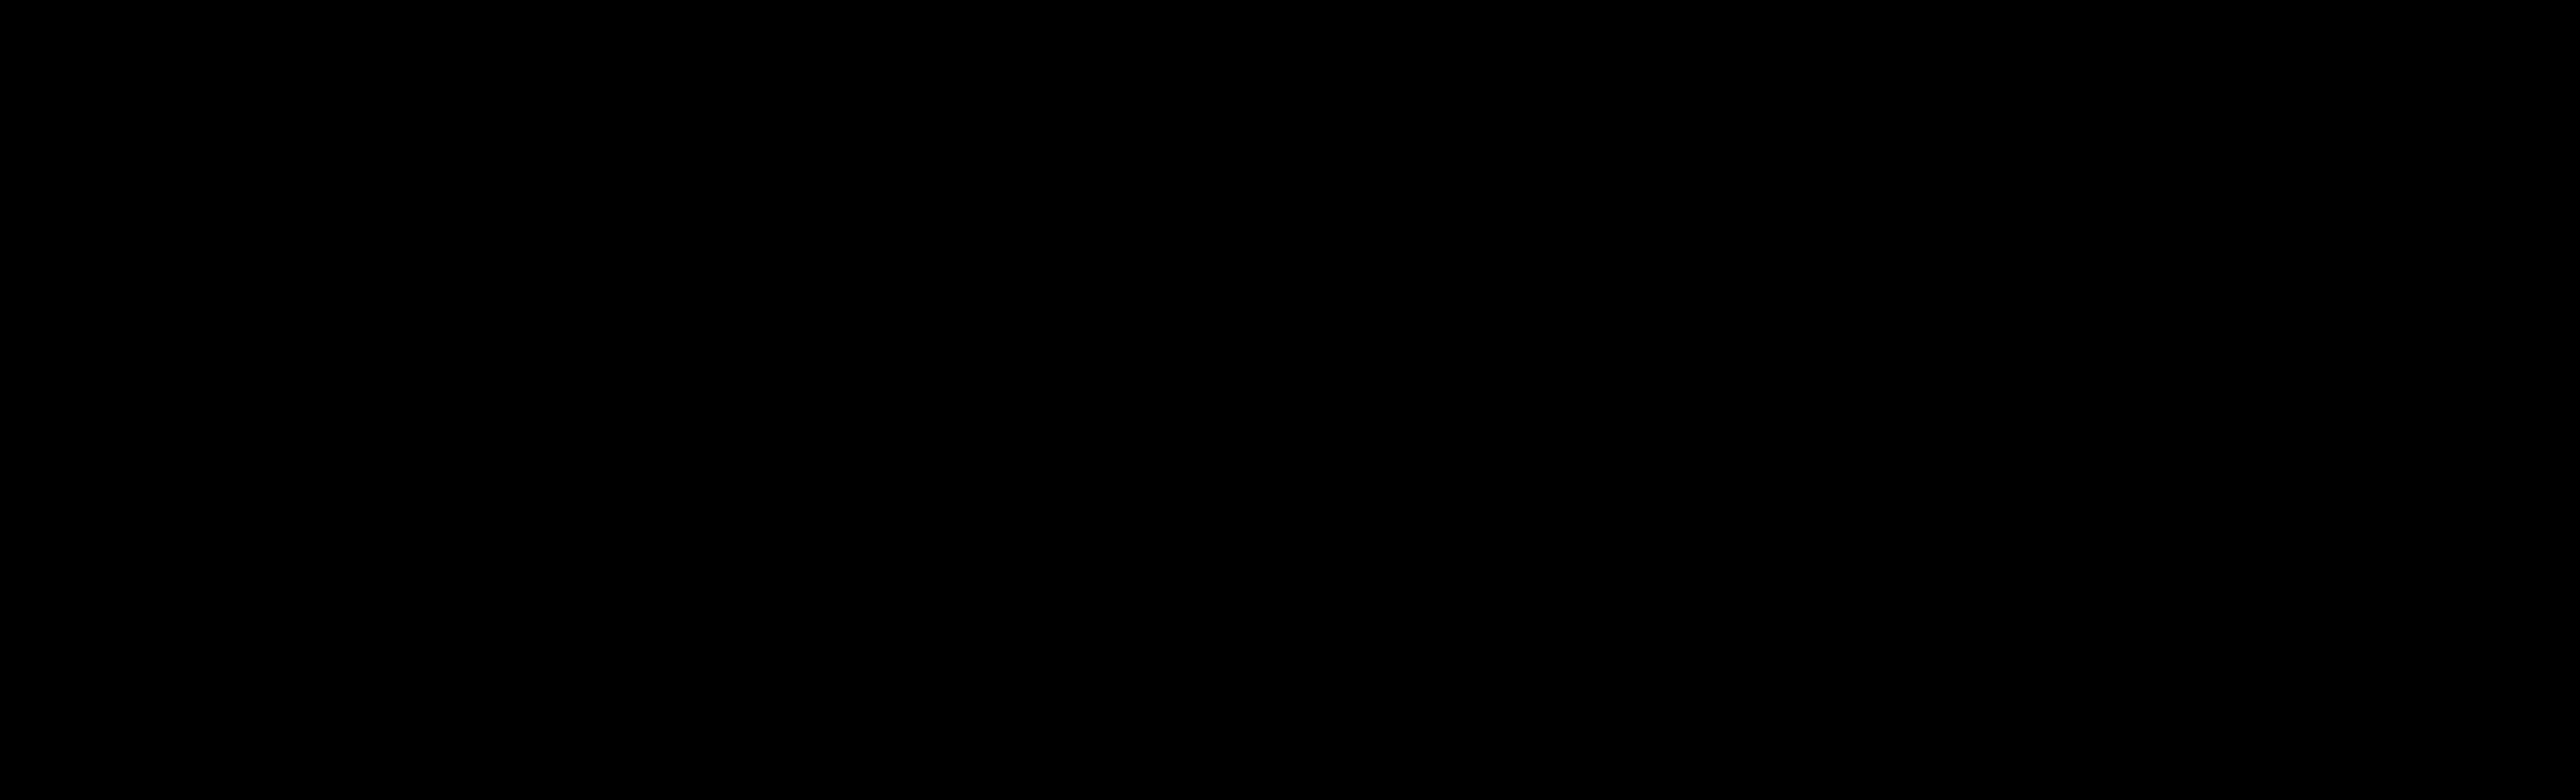 รูปภาพ ต้นไม้ ธรรมชาติ ป่า ขอบฟ้า ภาพเงา เบา เมฆ